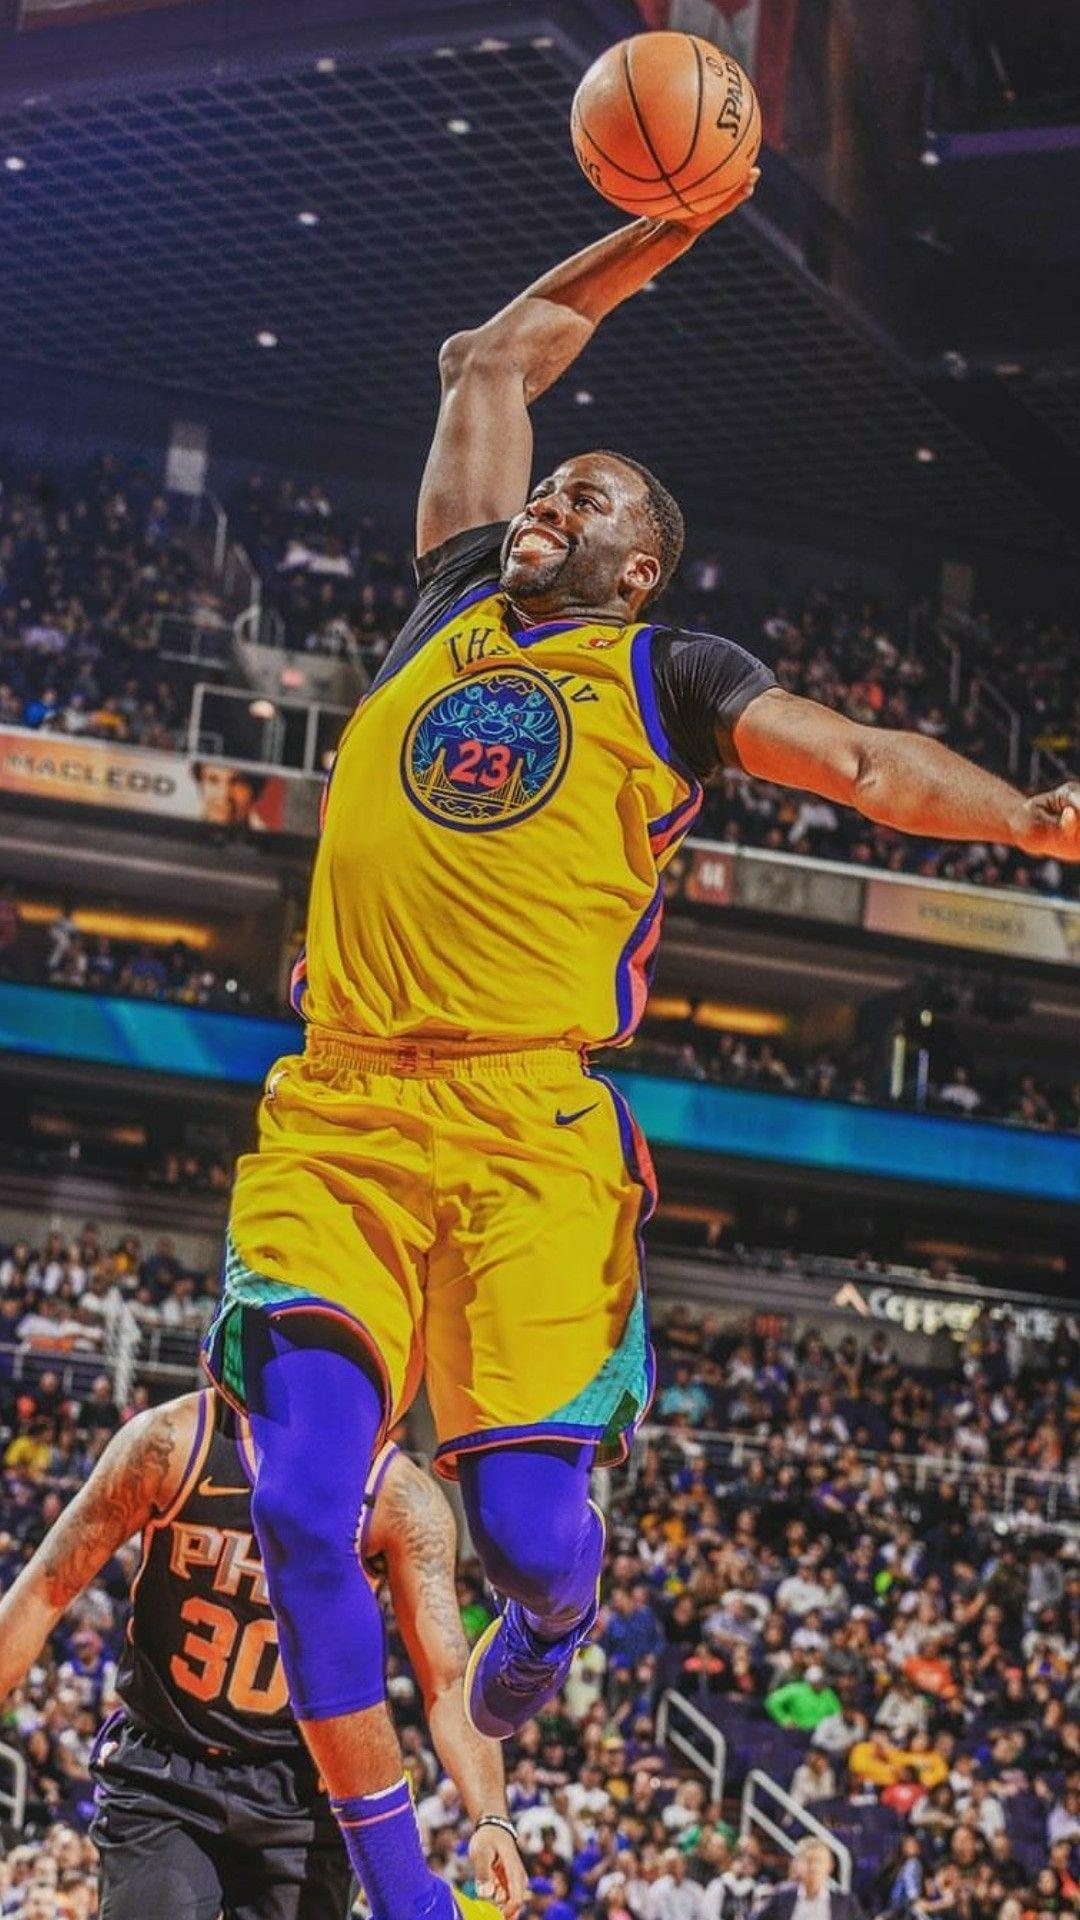 Draymond Green Wallpaper Nba Golden State Warriors Golden State Warriors Basketball Warriors Basketball